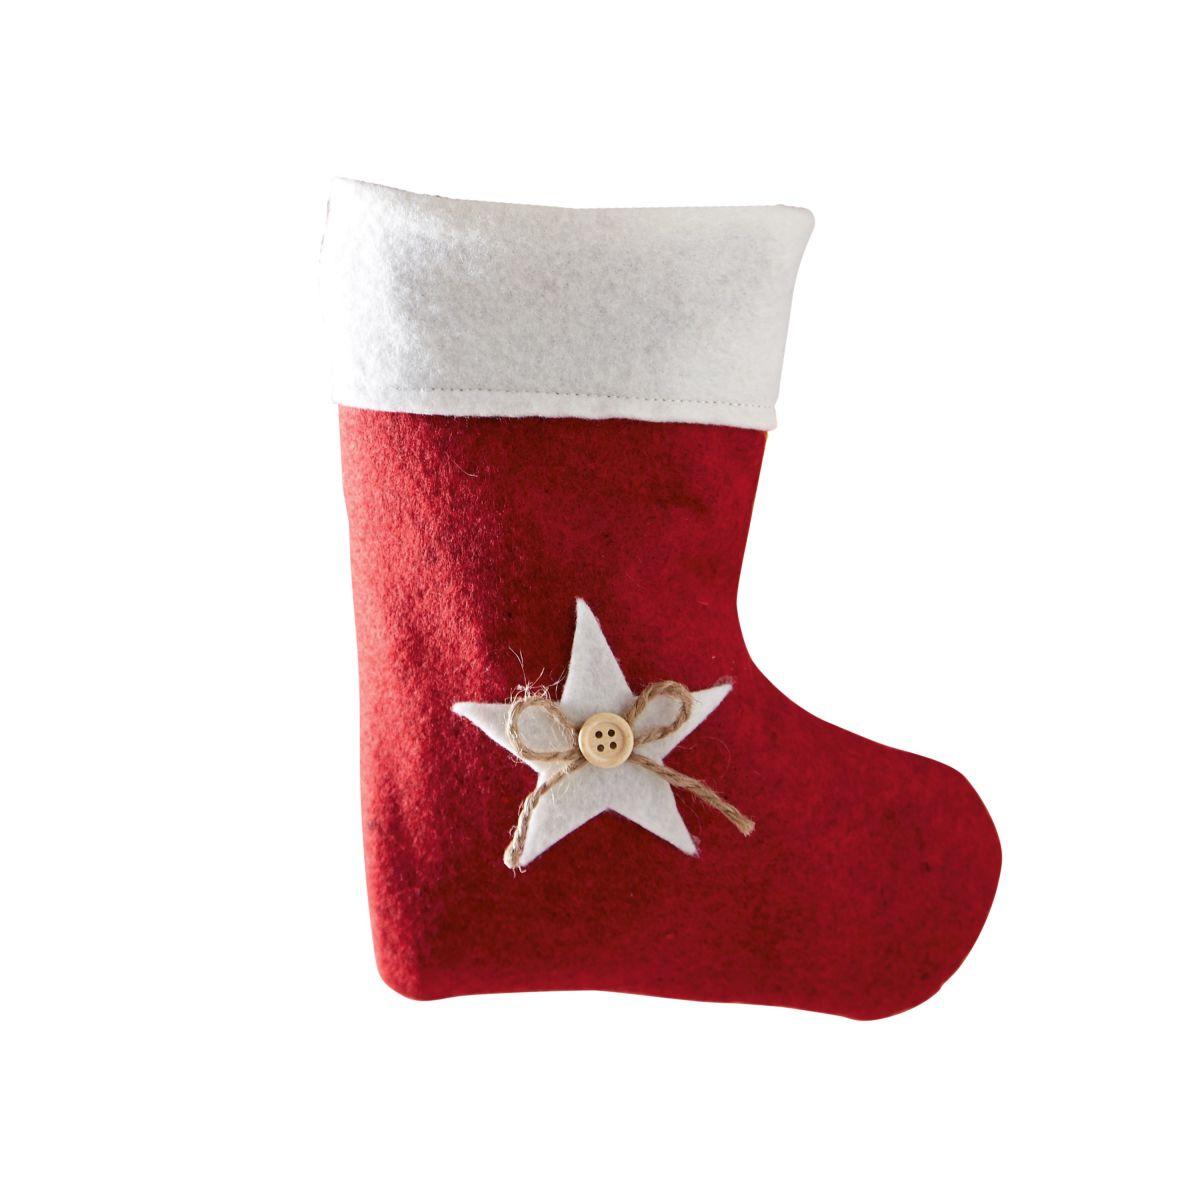 Weihnachtssocke Stern, Filz 20 x 16 cm - einfach-geschenke-finden.de